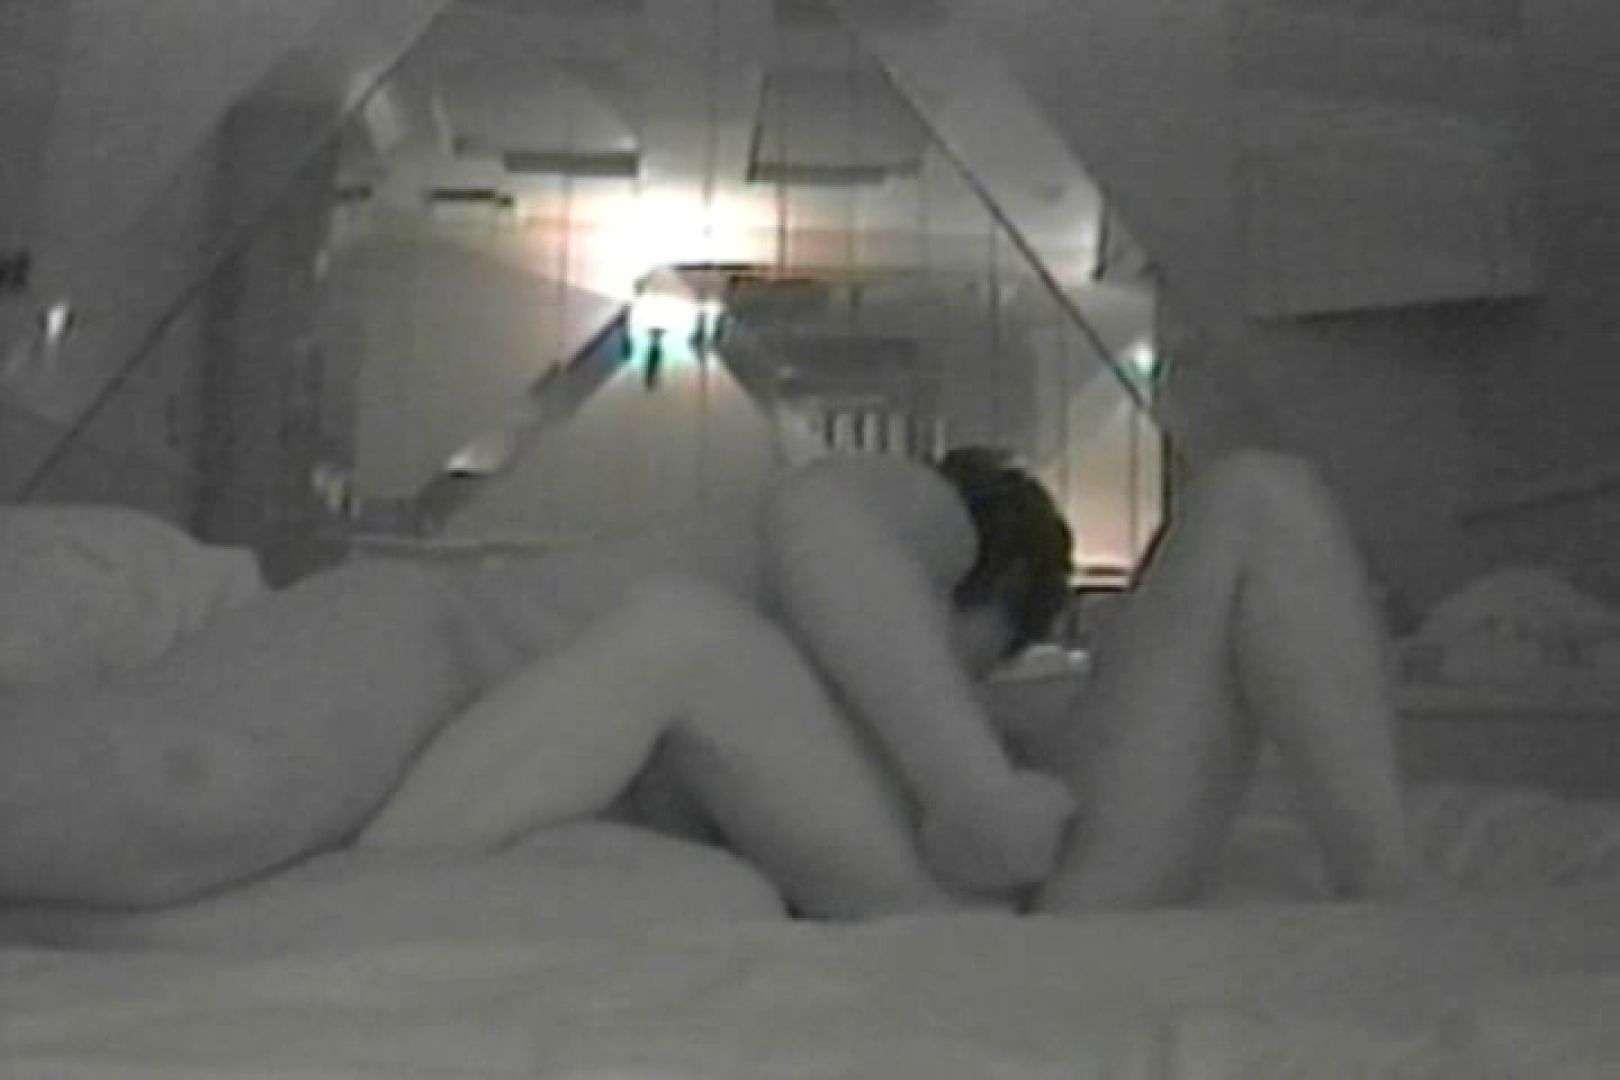 素人嬢をホテルに連れ込みアンナ事・コンナ事!?Vol.2 美女ヌード天国   ホテル  104PIX 13